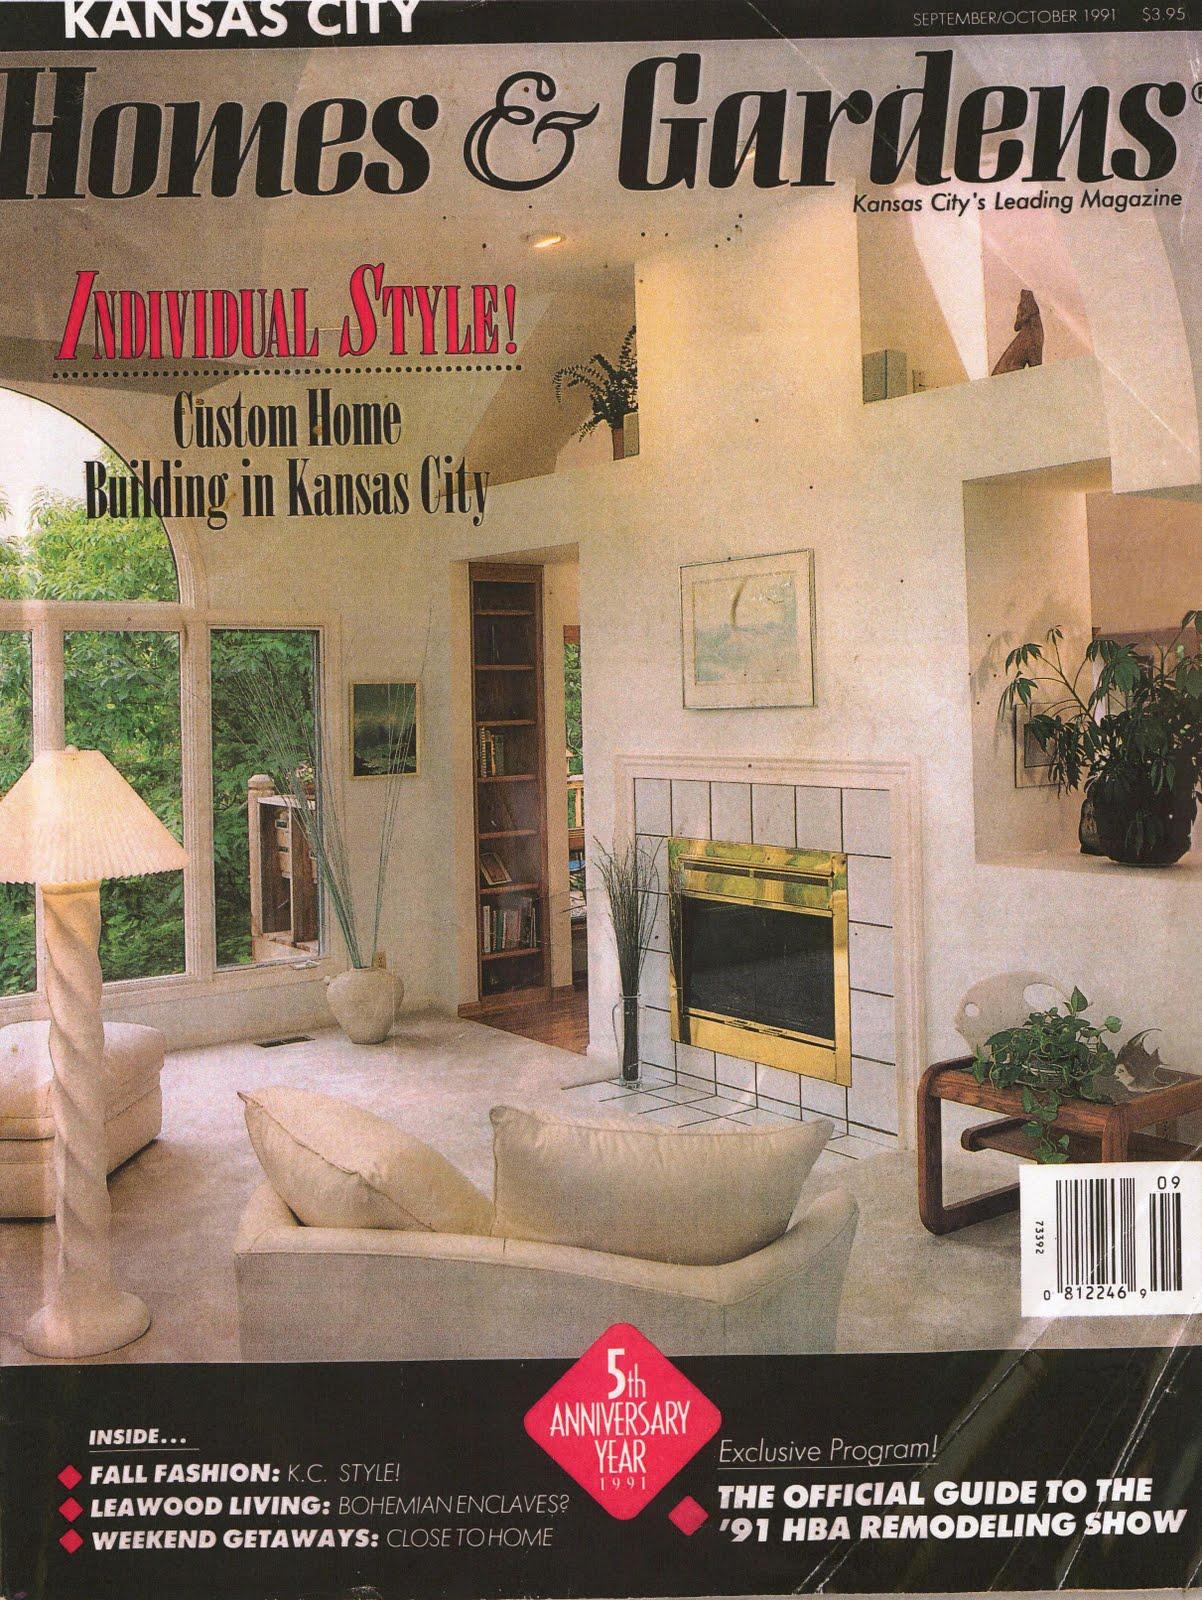 KCMODERN: Kansas City Homes and Gardens September/October Issue-1991 ...